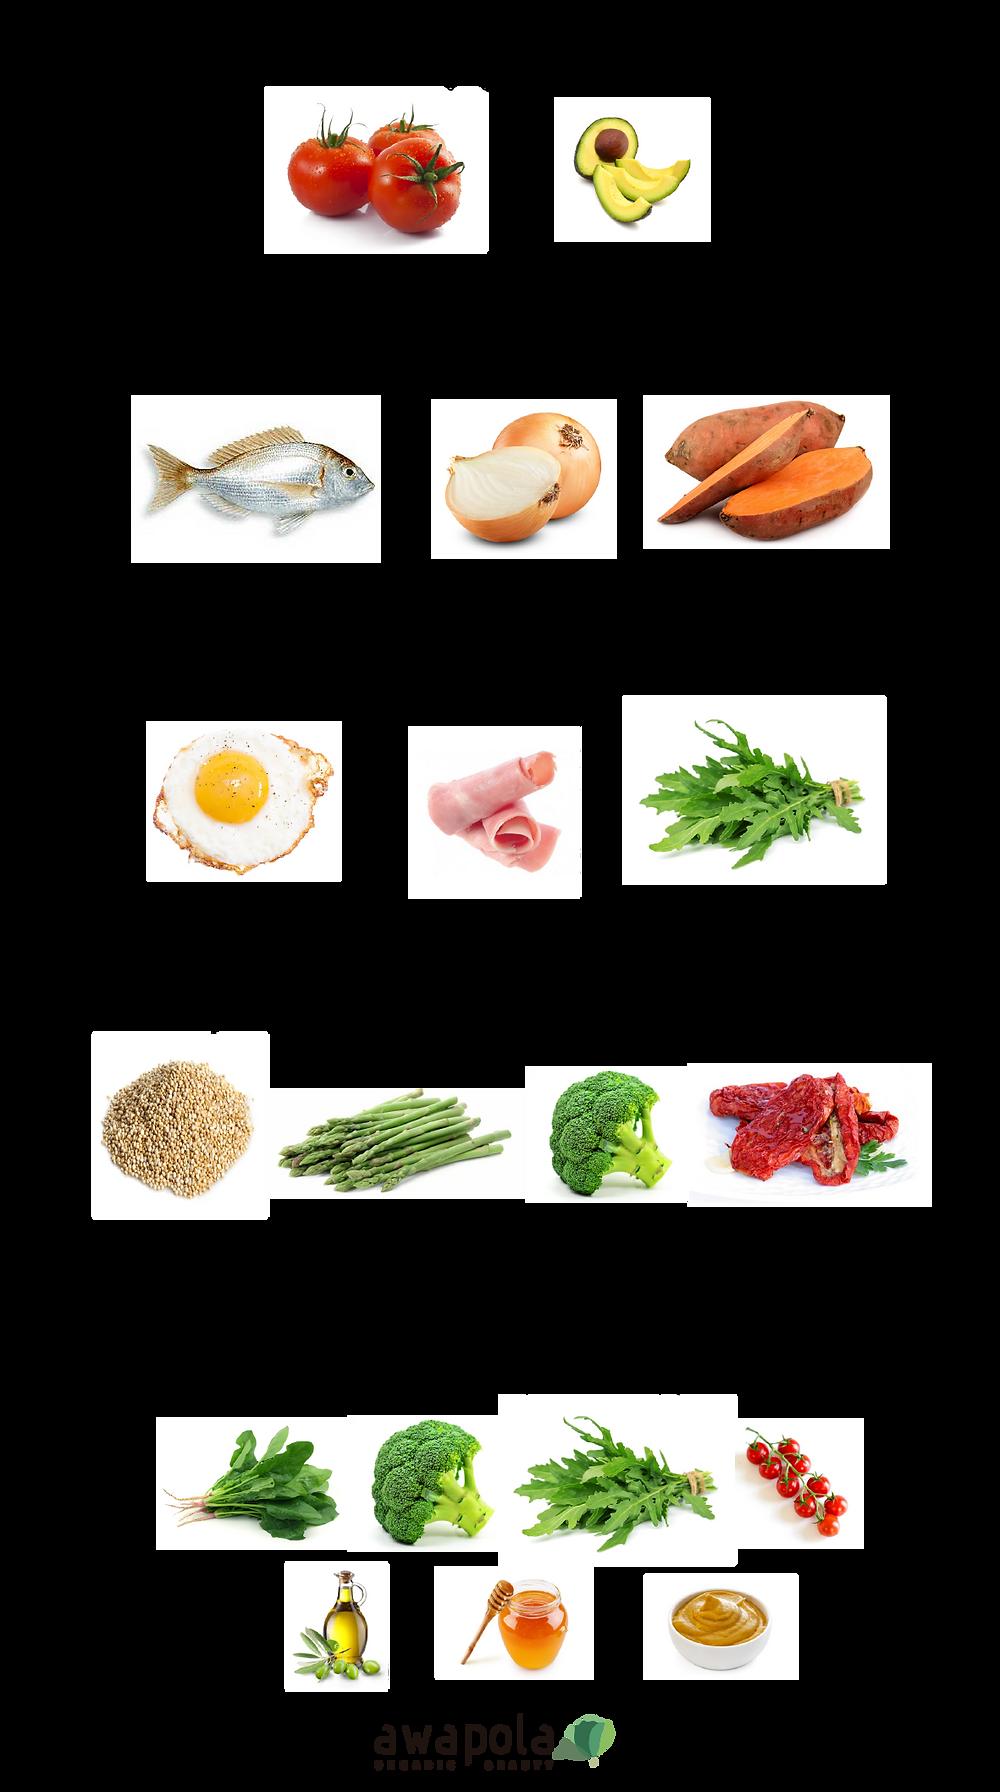 recetas de cenas rápidas y sanas